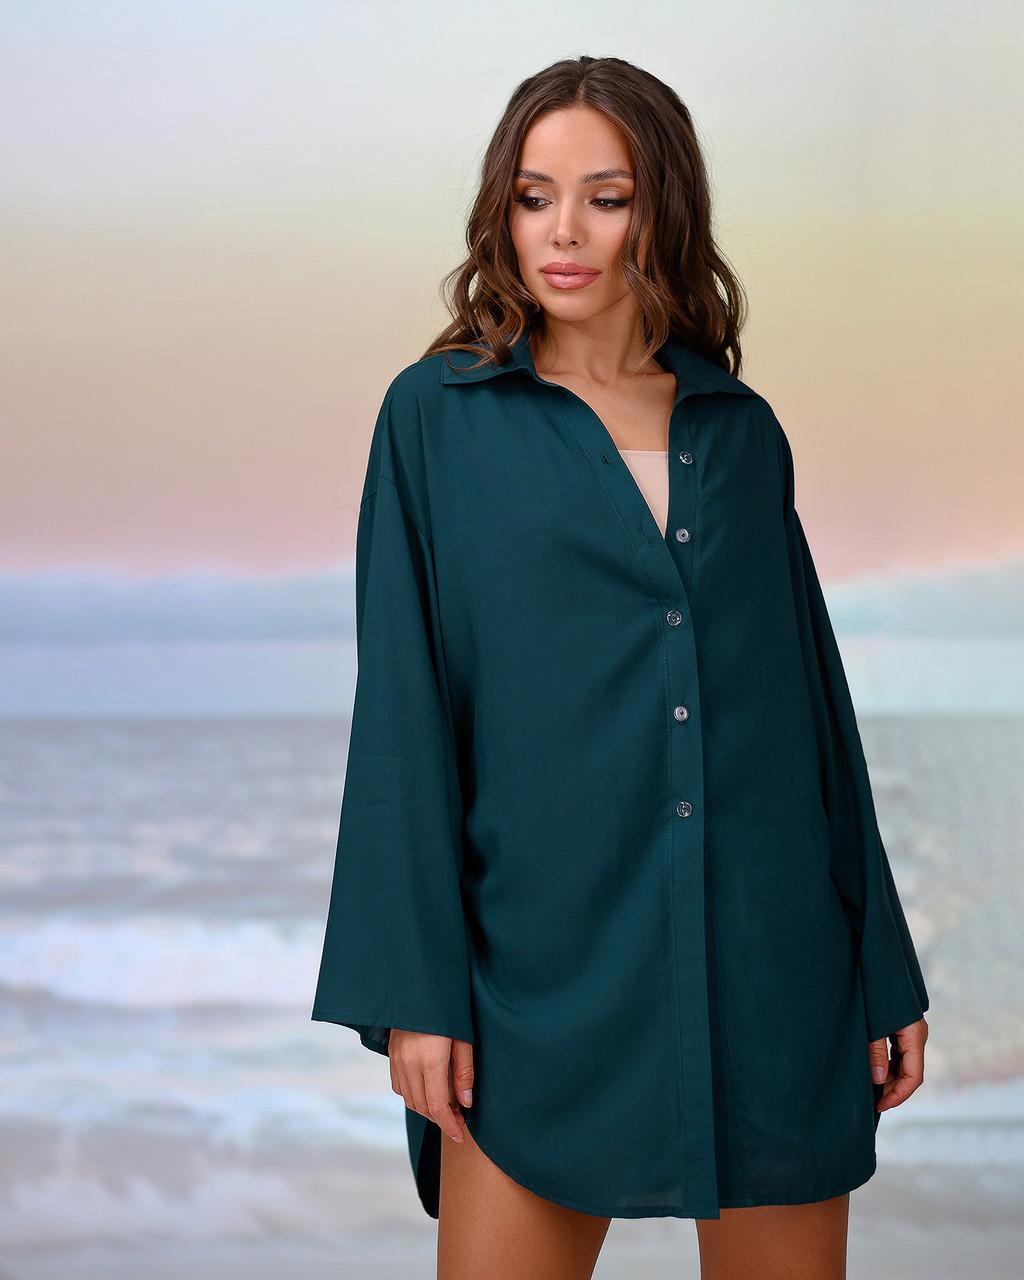 Короткая пляжная туника-рубашка.Цвет изумруд. Размер 46-48